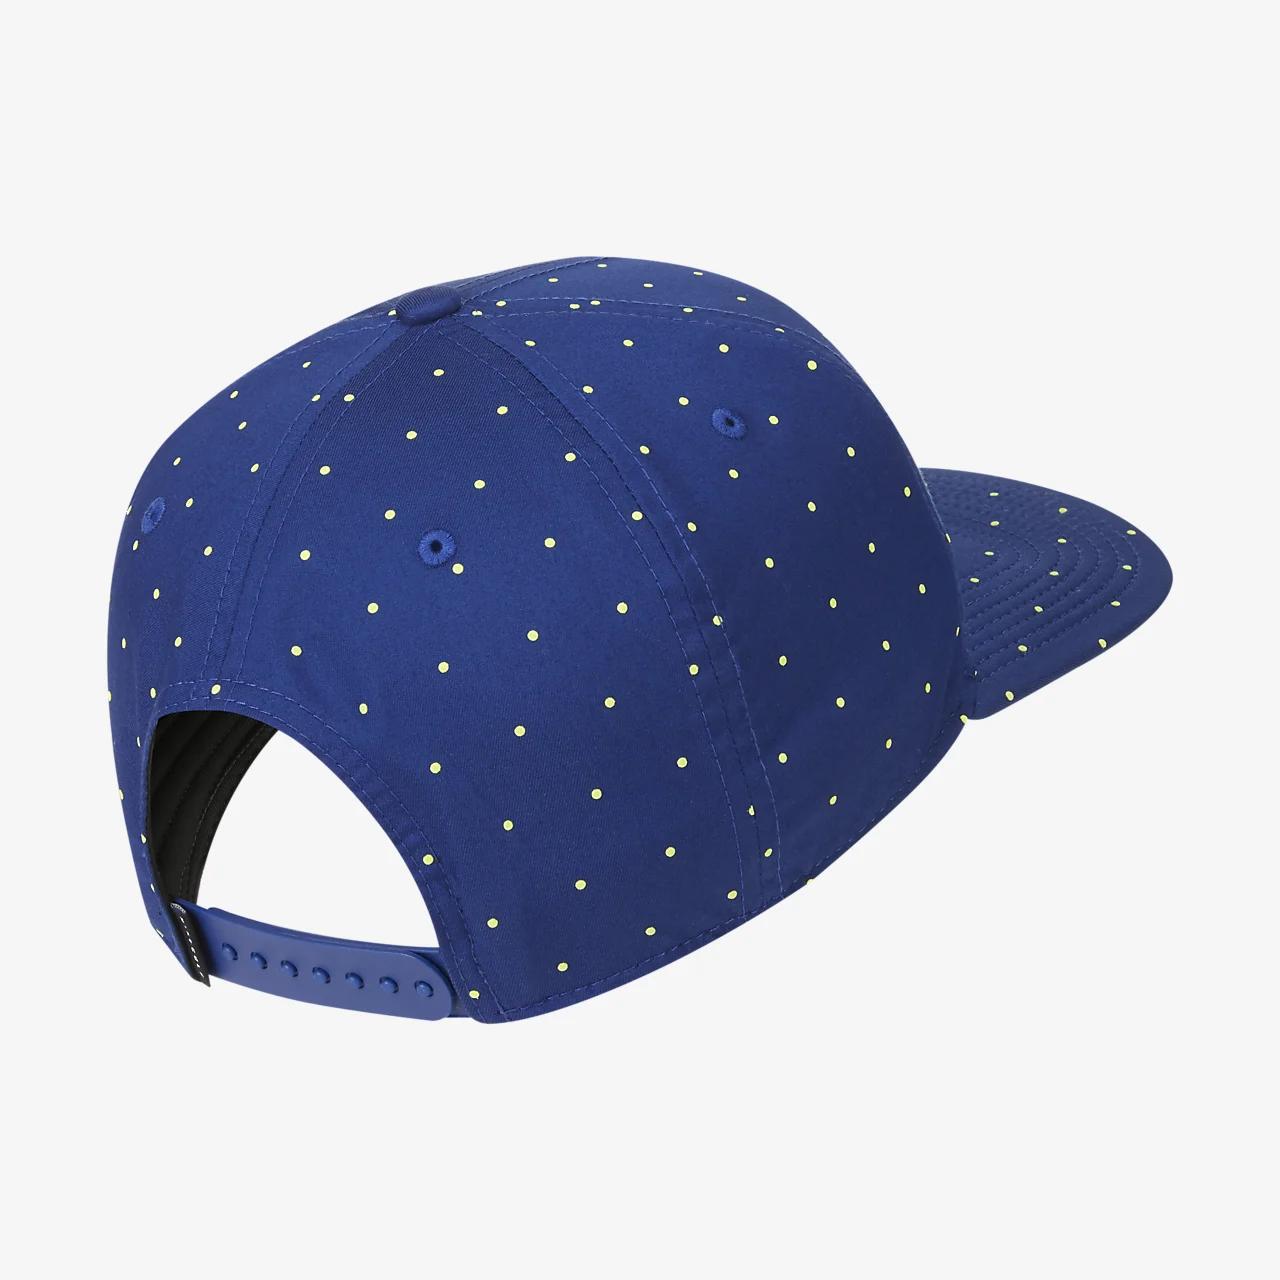 나이키 에어로빌 프린팅 골프 모자 CN2319-455